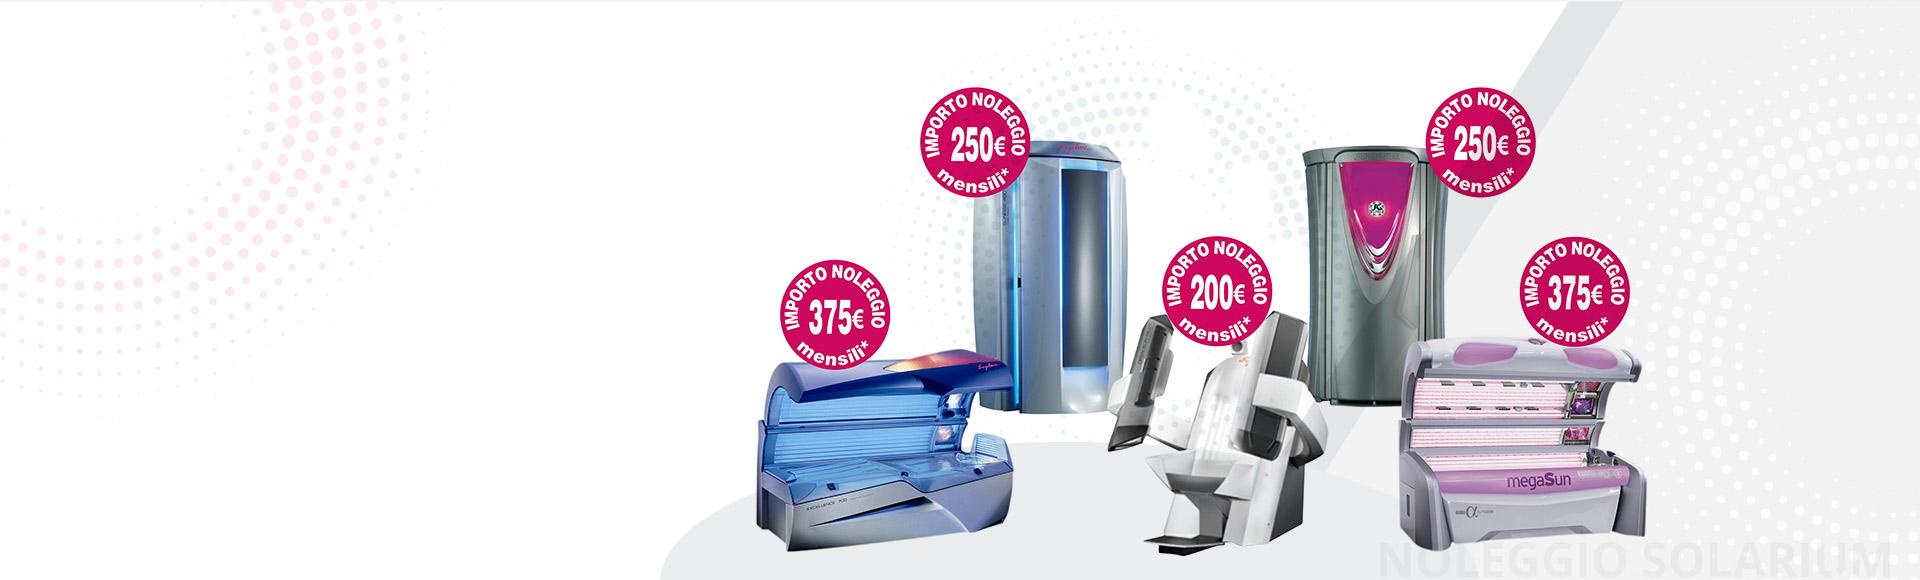 hotelspa-slide-noleggio-solarium-usati